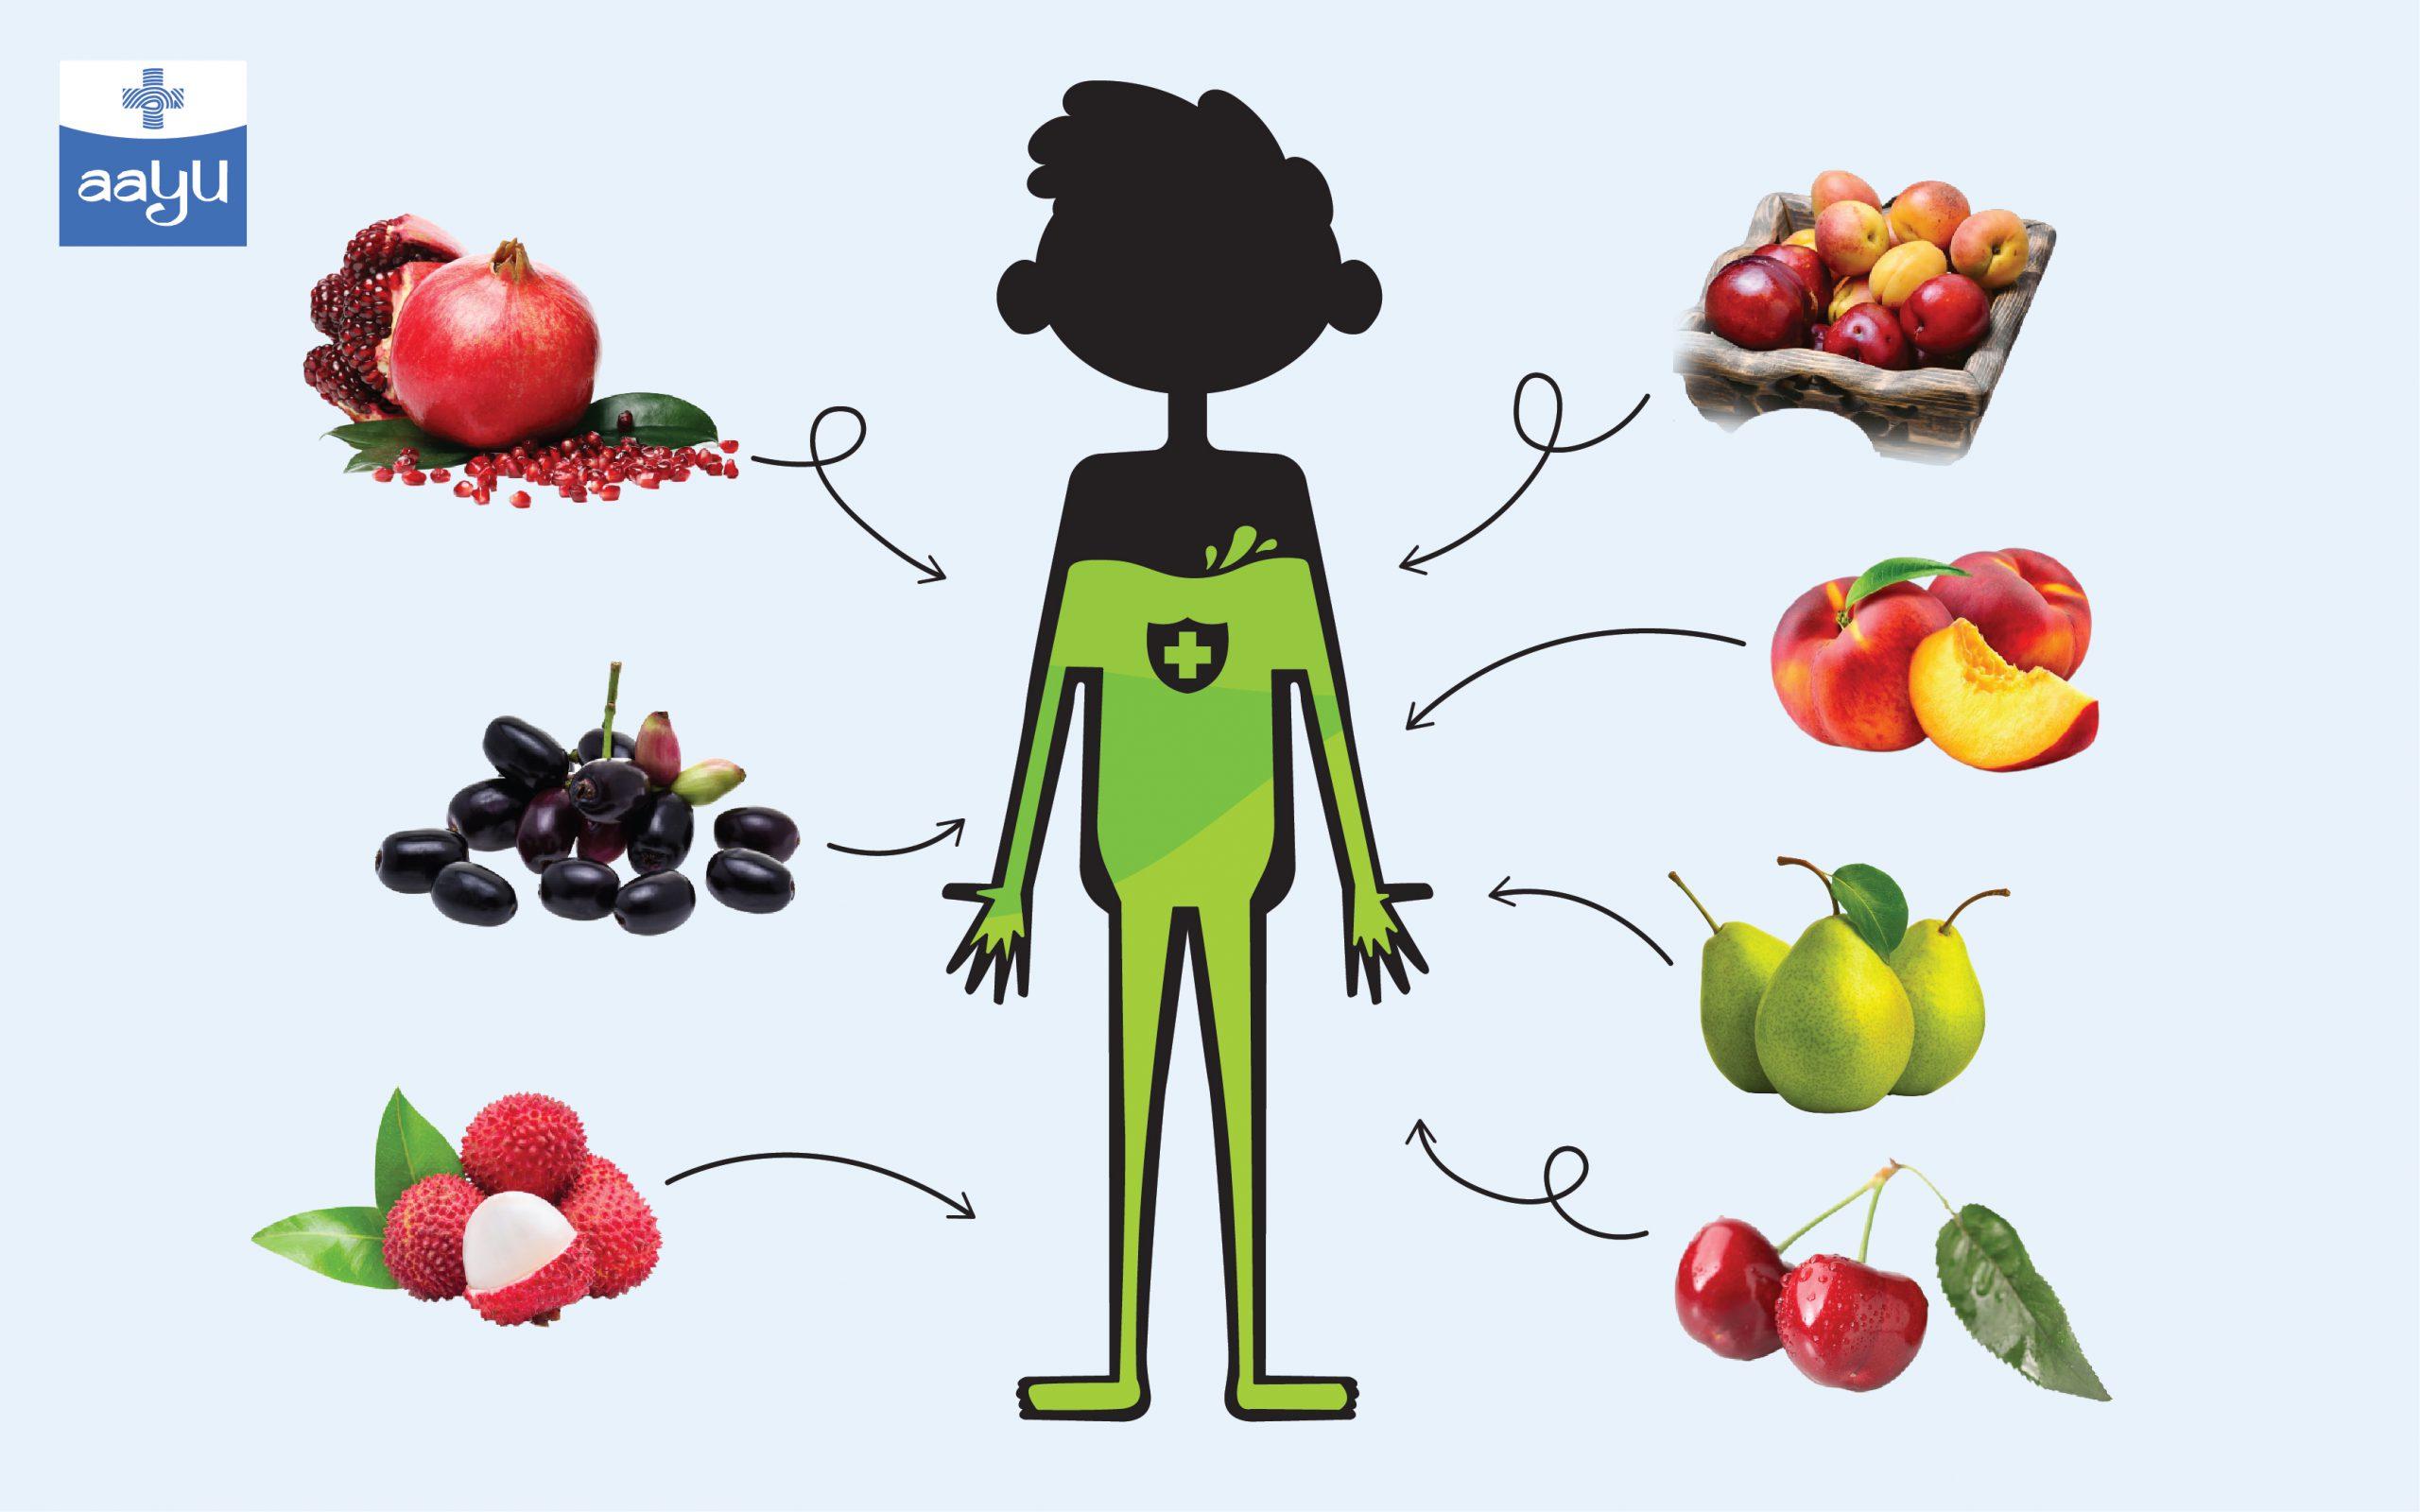 Monsoon fruits: इन 7 प्रकार के फलों से दूर होगा मानसूनी बीमारियों का खतरा, बढ़ेगी इम्यूनिटी